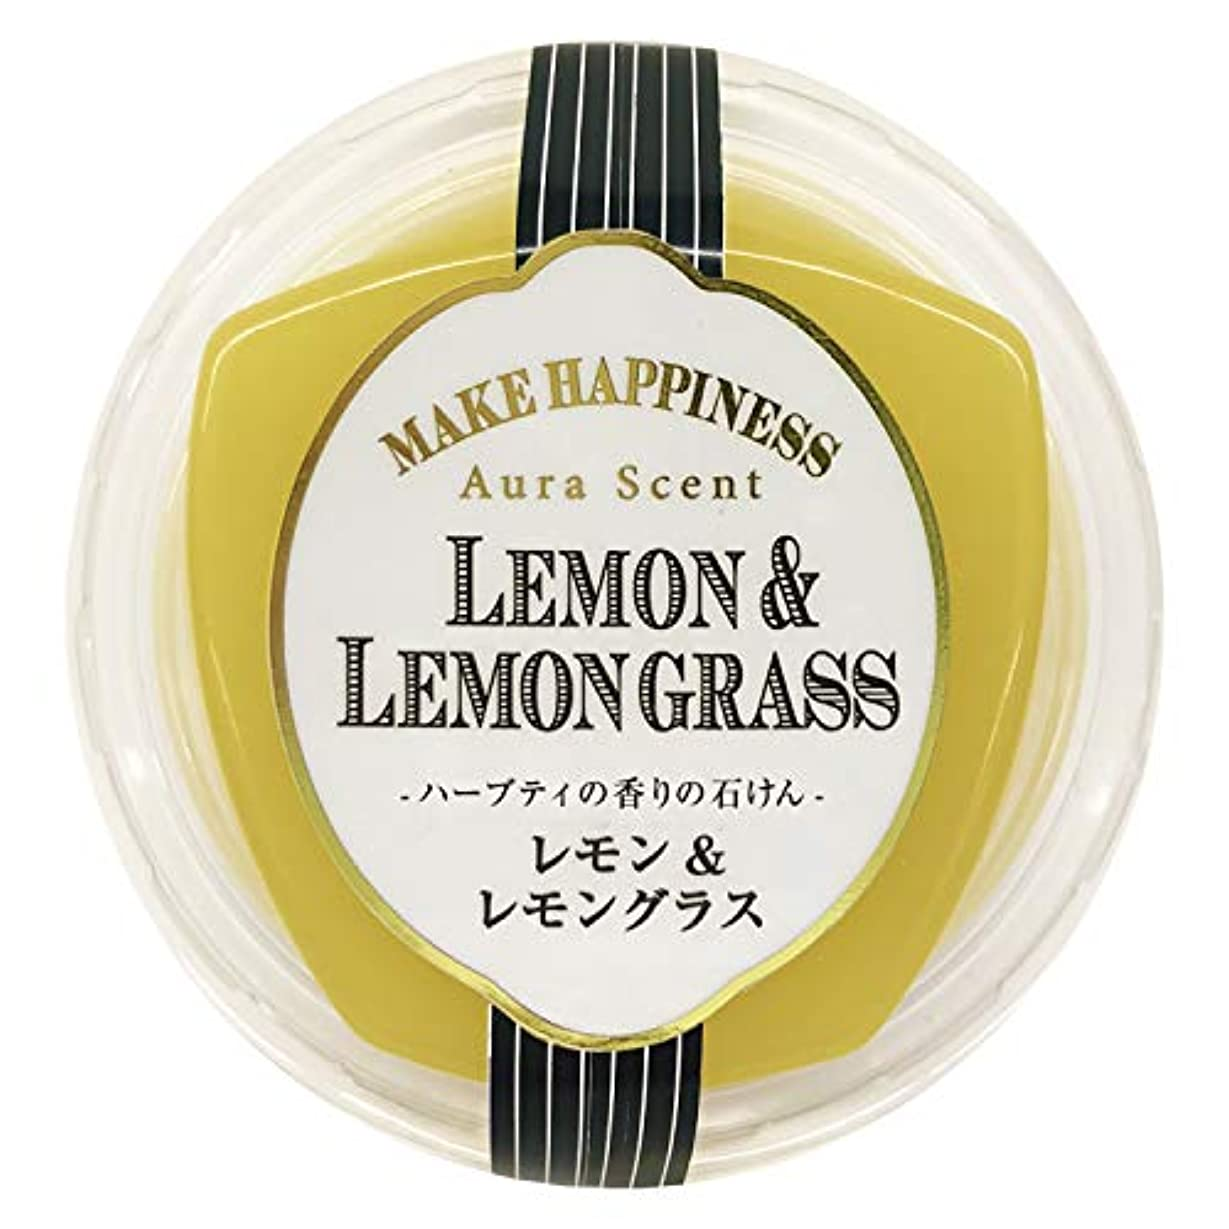 不振自明ゴージャスペリカン石鹸 オーラセント クリアソープレモン&レモングラス 75g